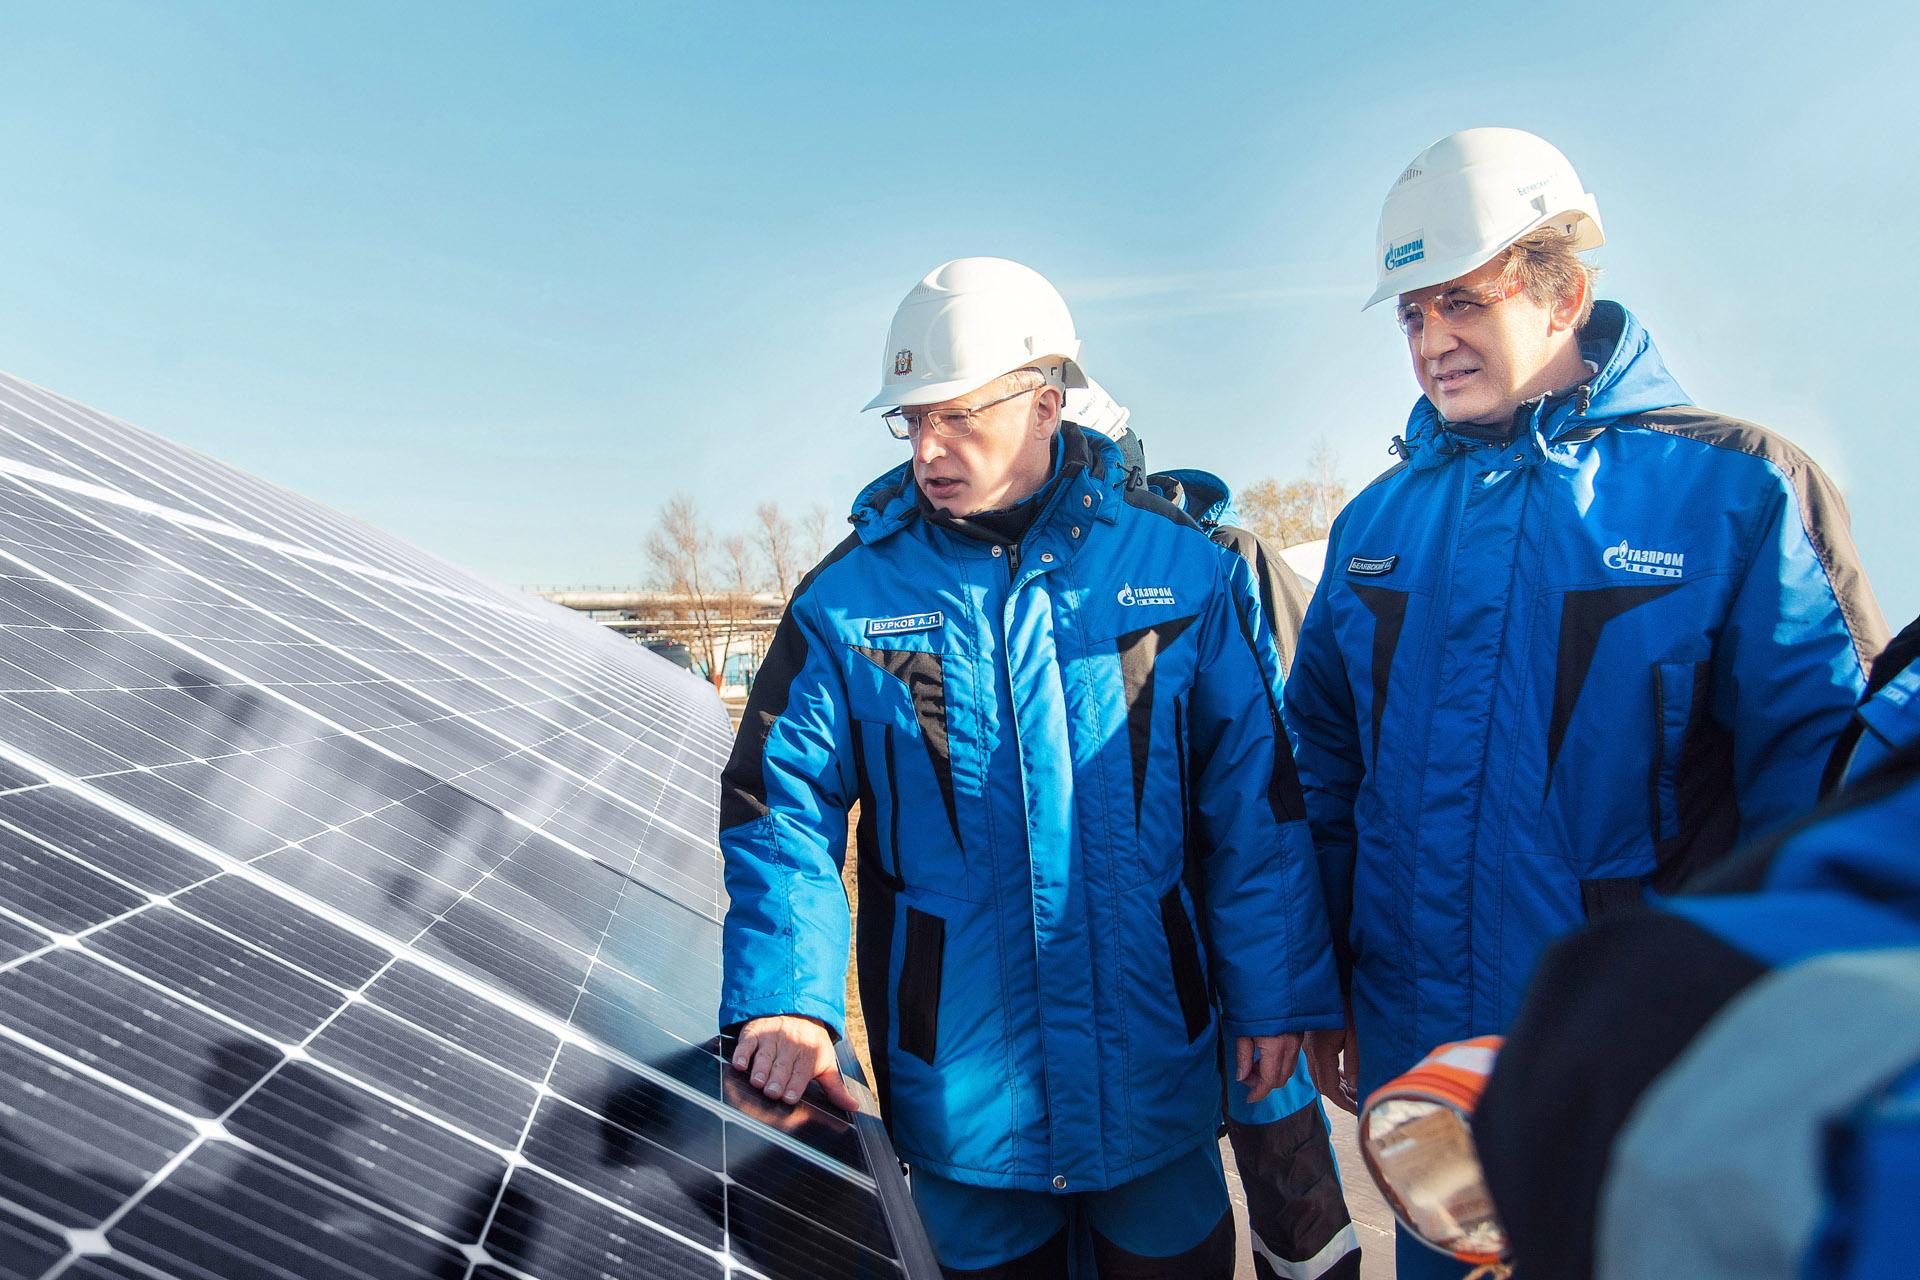 «Газпром нефть» запустила солнечную электростанцию на Омском НПЗ